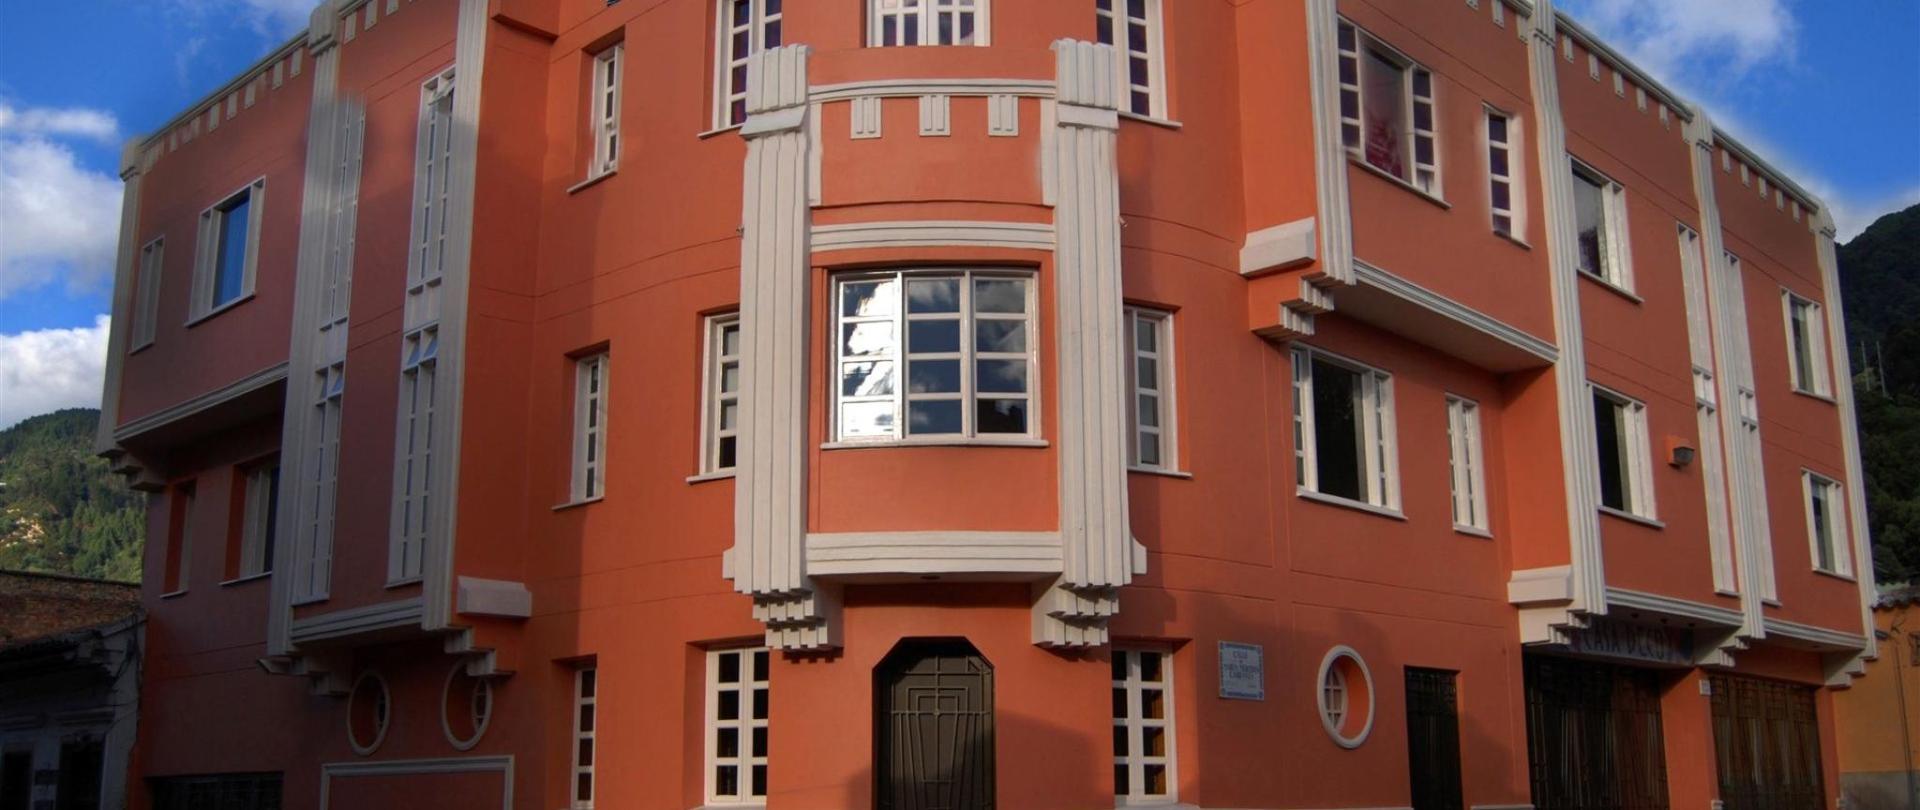 Hôtel Casa Deco.jpg